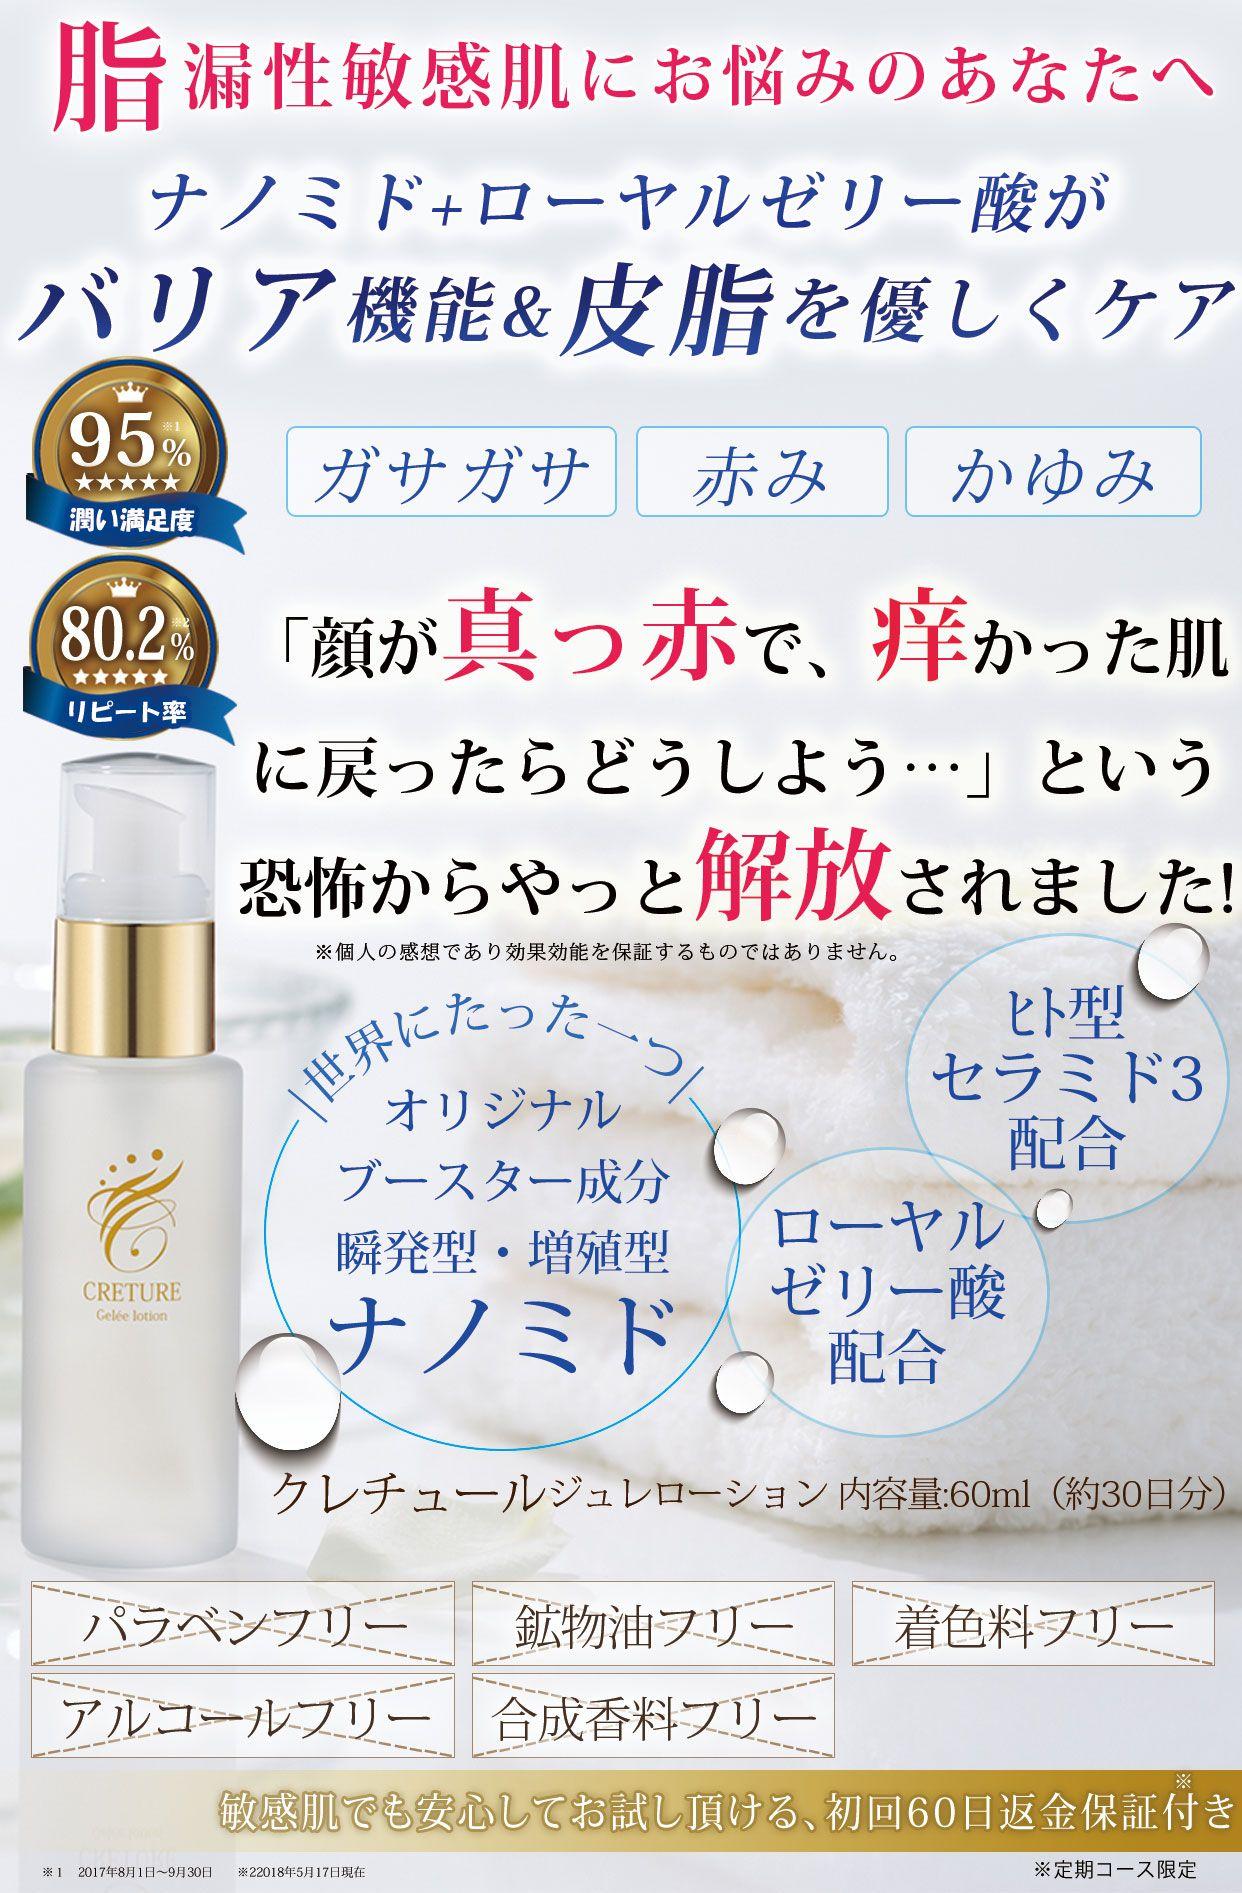 化粧水 脂漏性湿疹 脂漏性皮膚炎は完治します【画像あり】